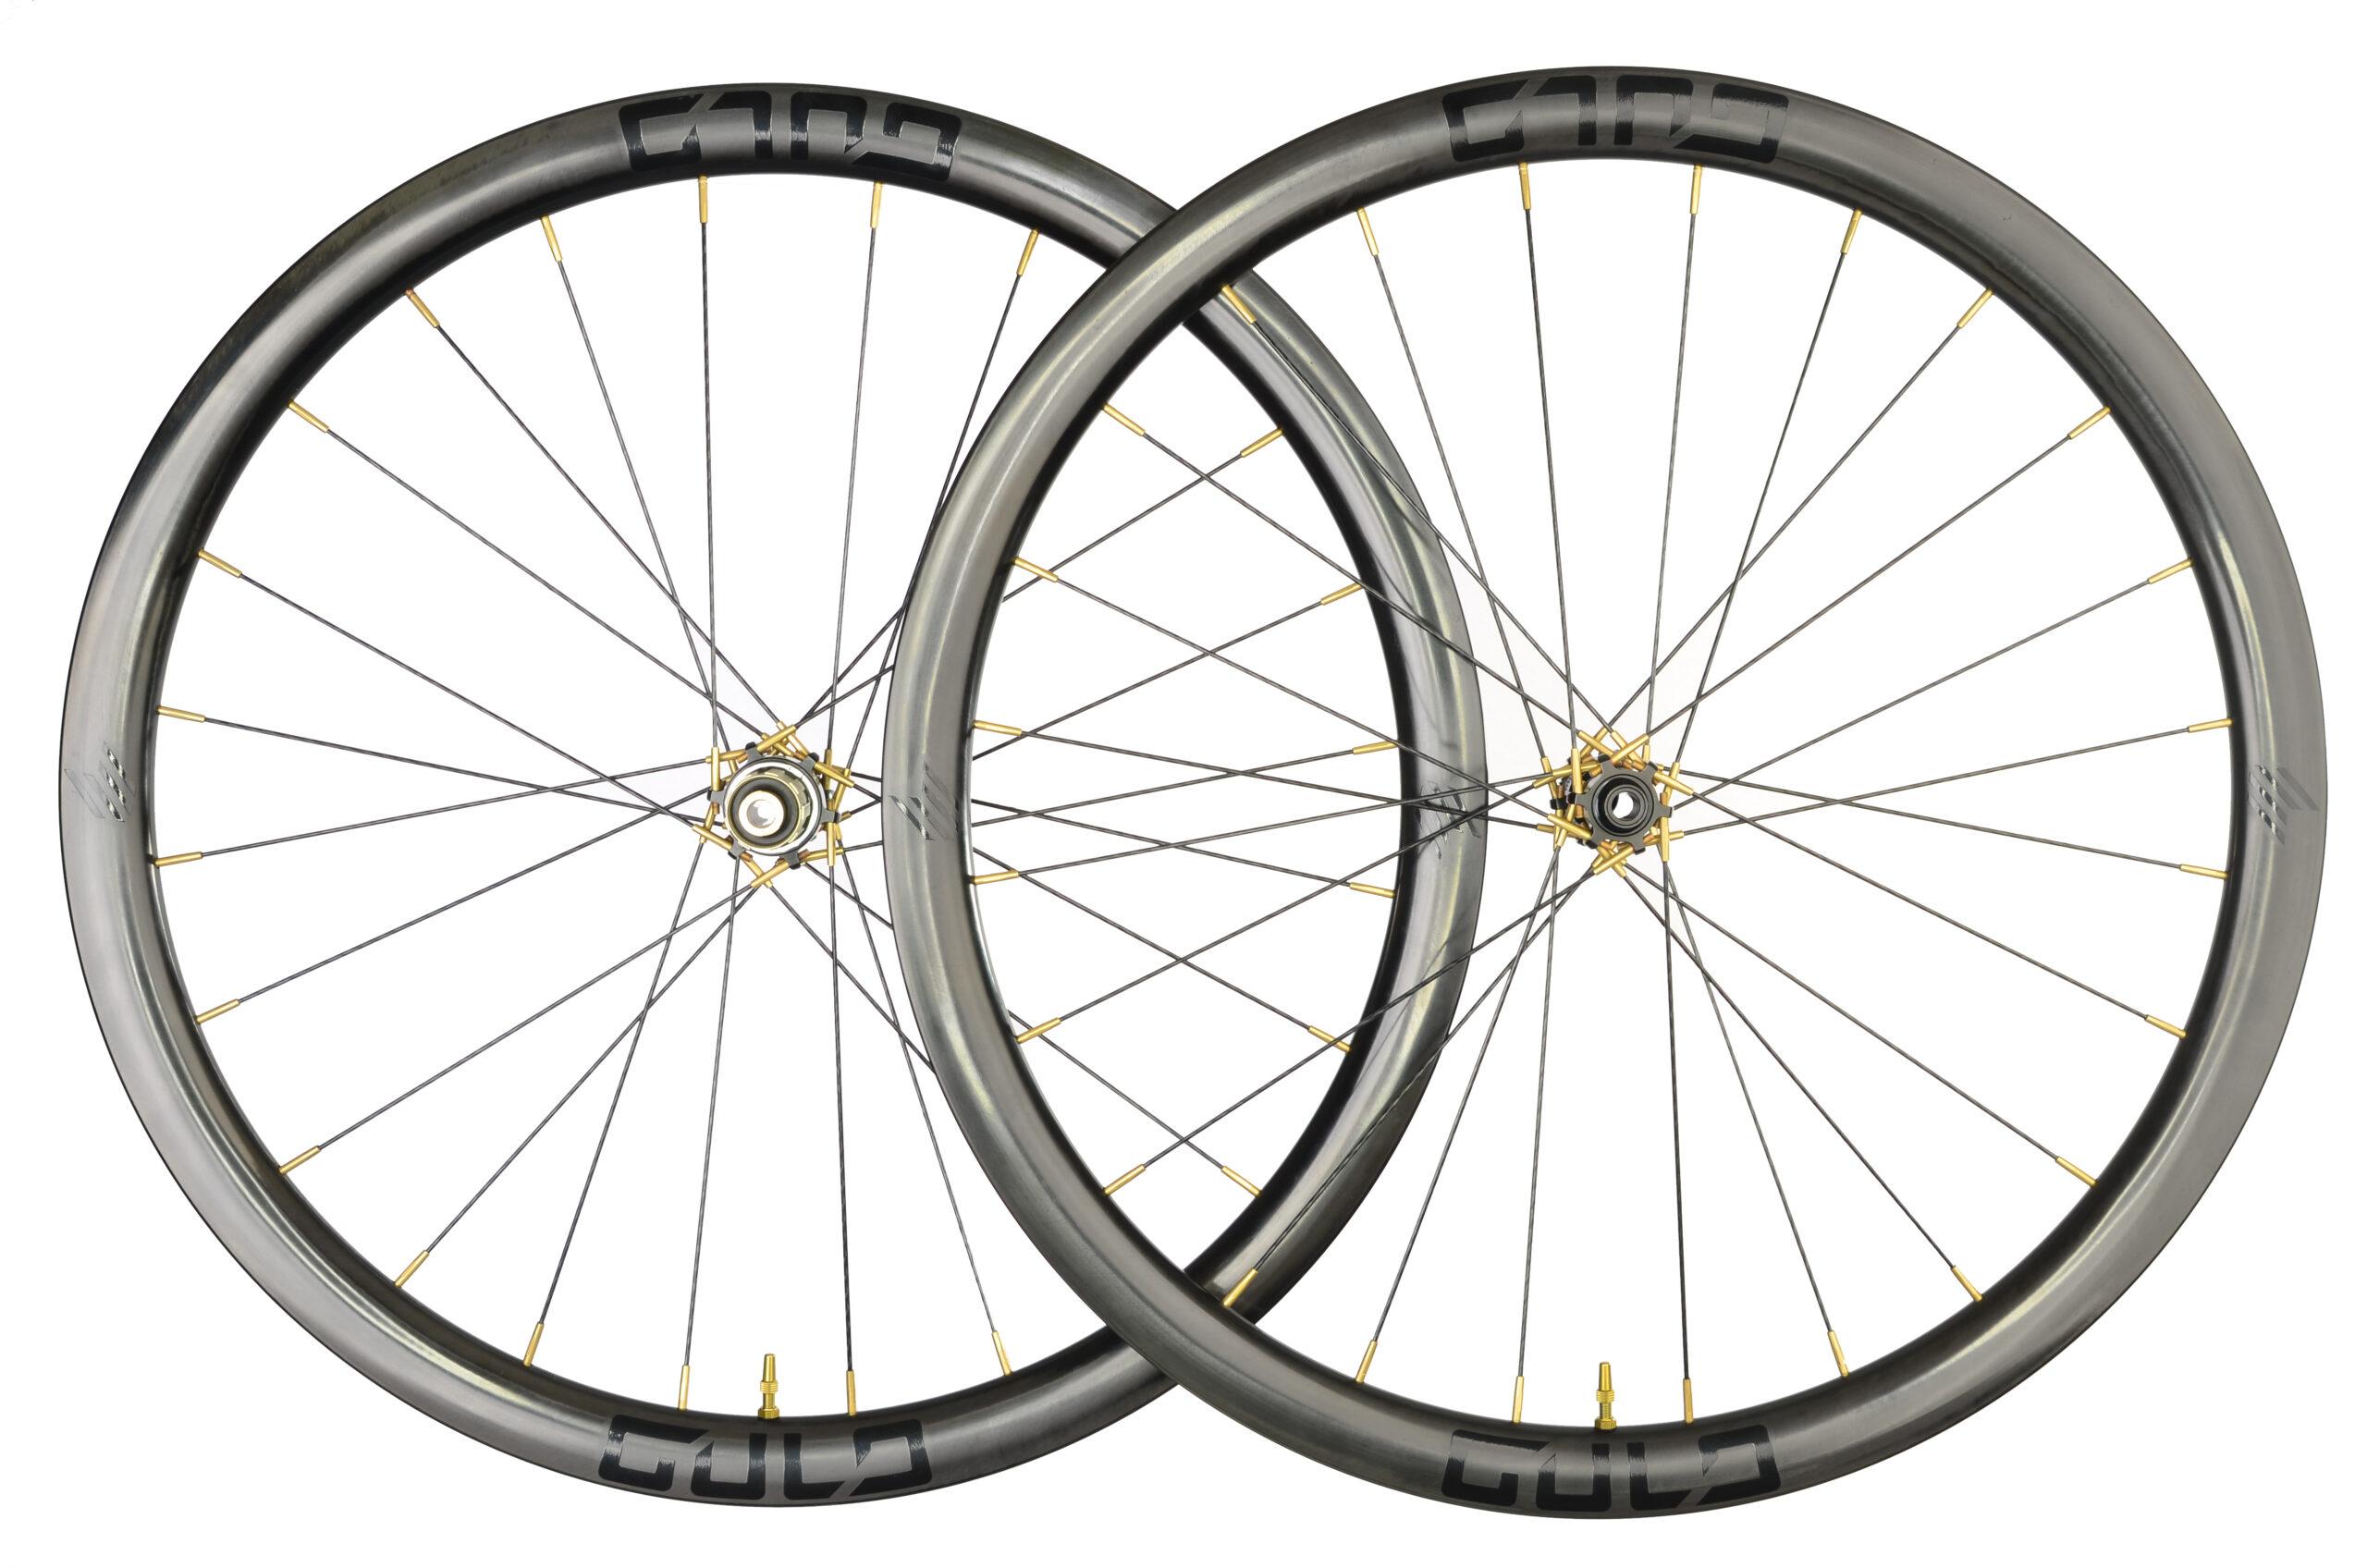 Gravel Wheels carbon fiber road bike wheel set with carbon composite spokes